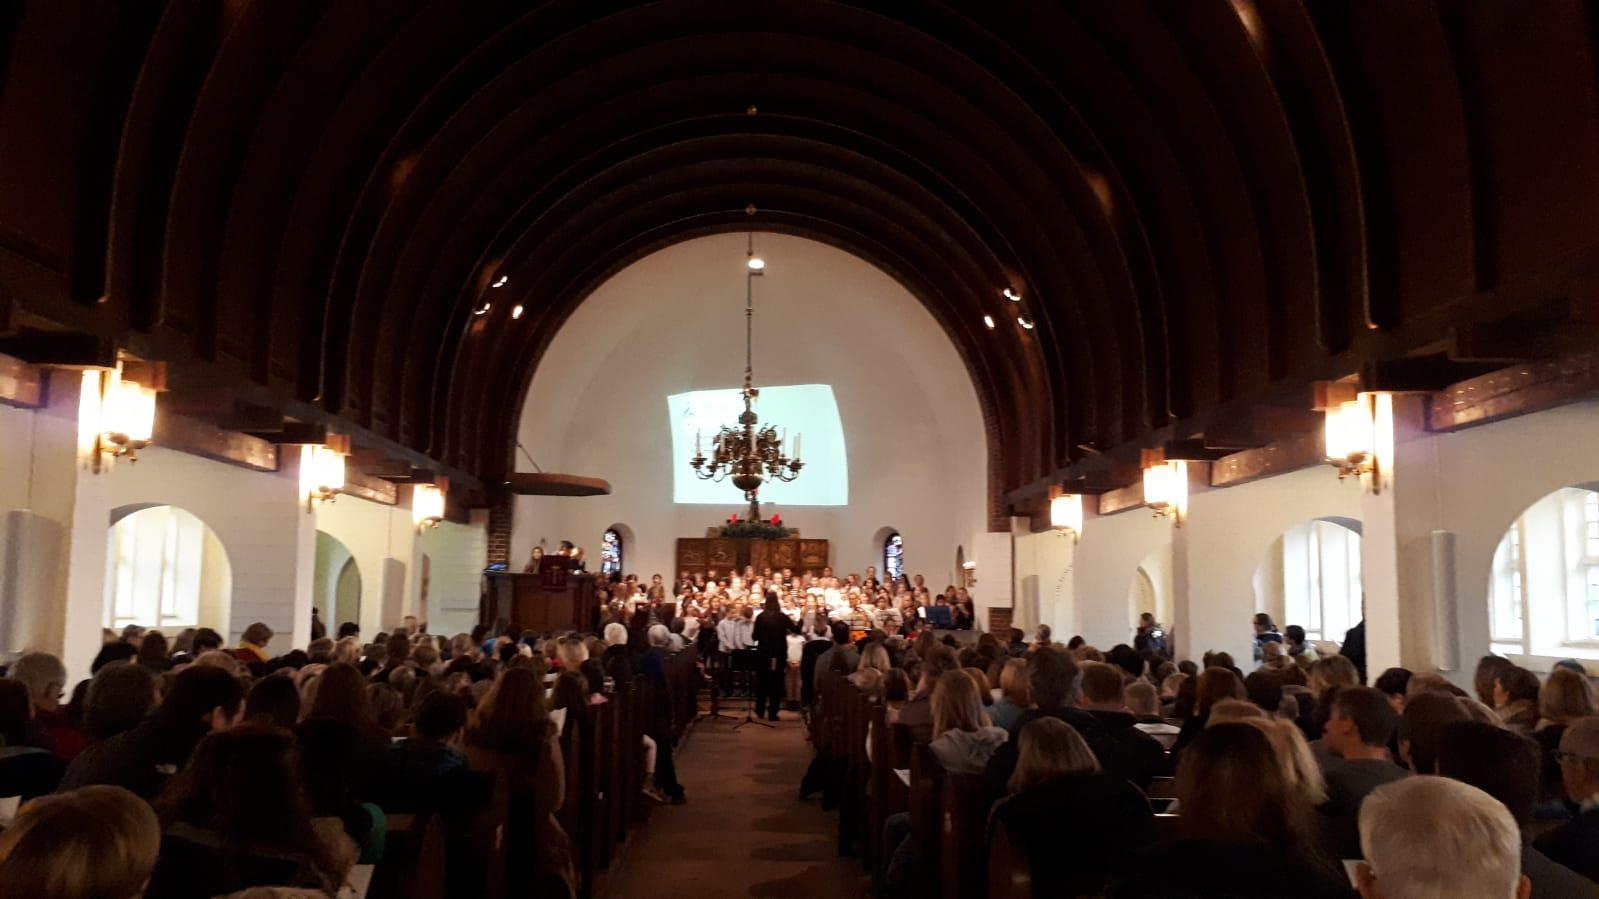 St. Lukaskirche, 19.12.18